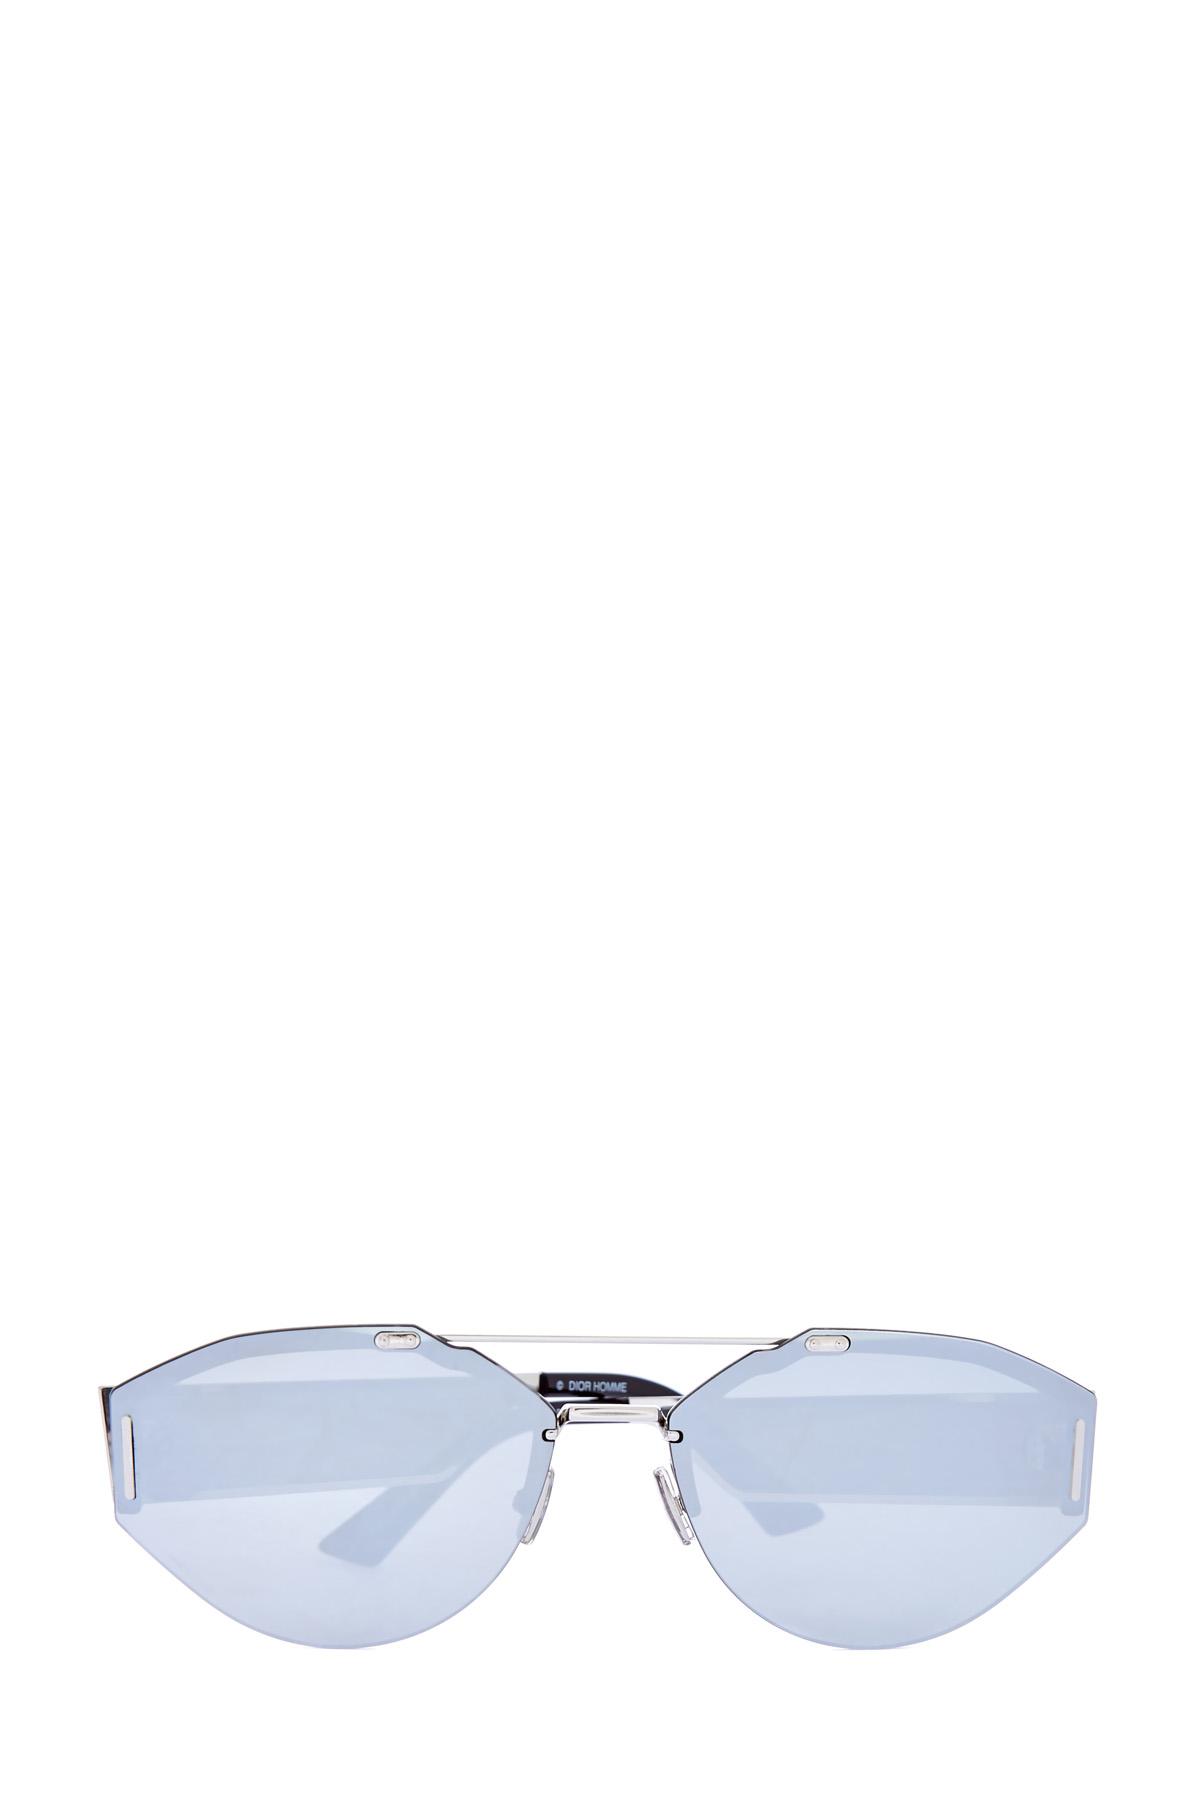 Очки оригинальной формы с прозрачными вставками на дужках